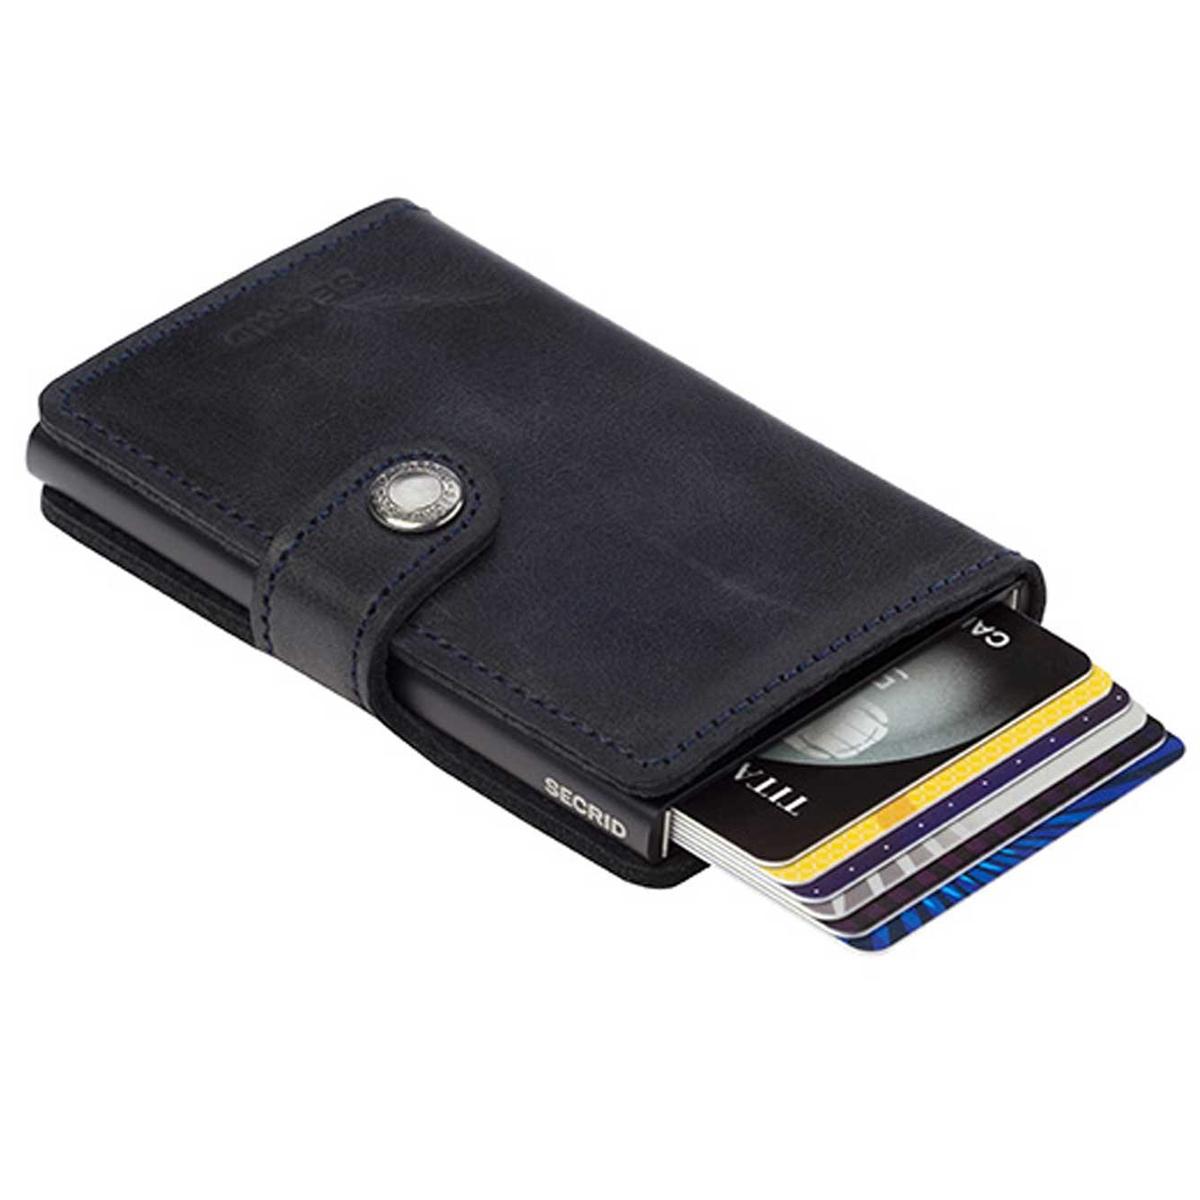 Secrid miniwallet vintage black leather | The Design Gift Shop